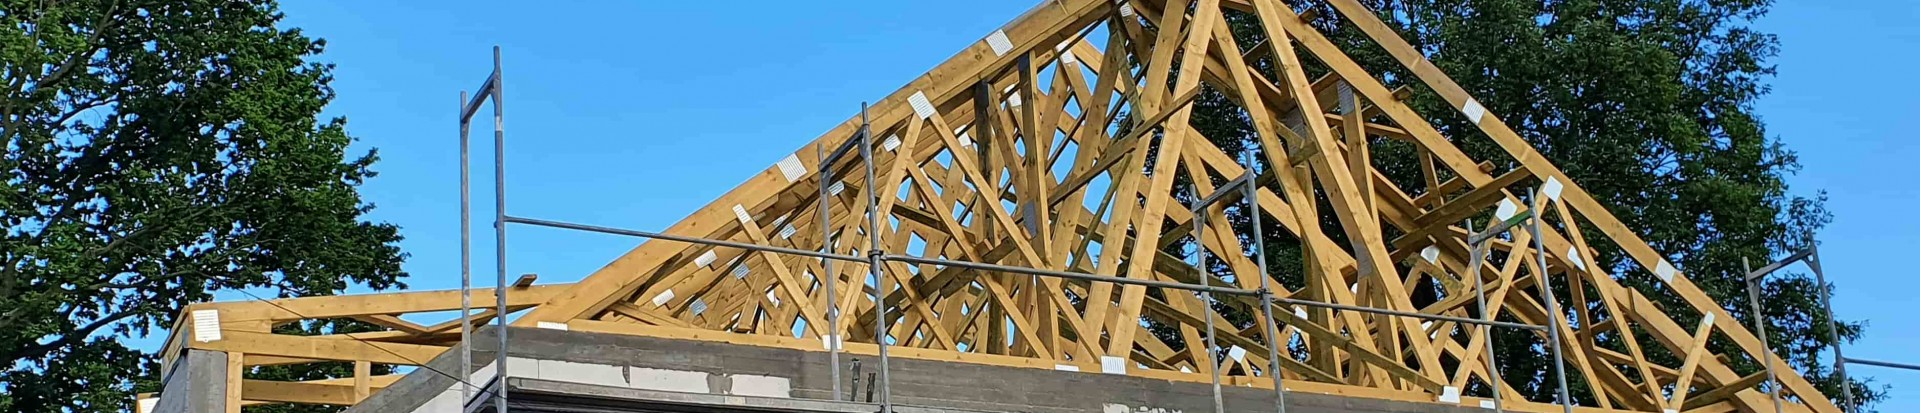 Konstrukcja dachu domu w miejscowości Wiśniowa Góra